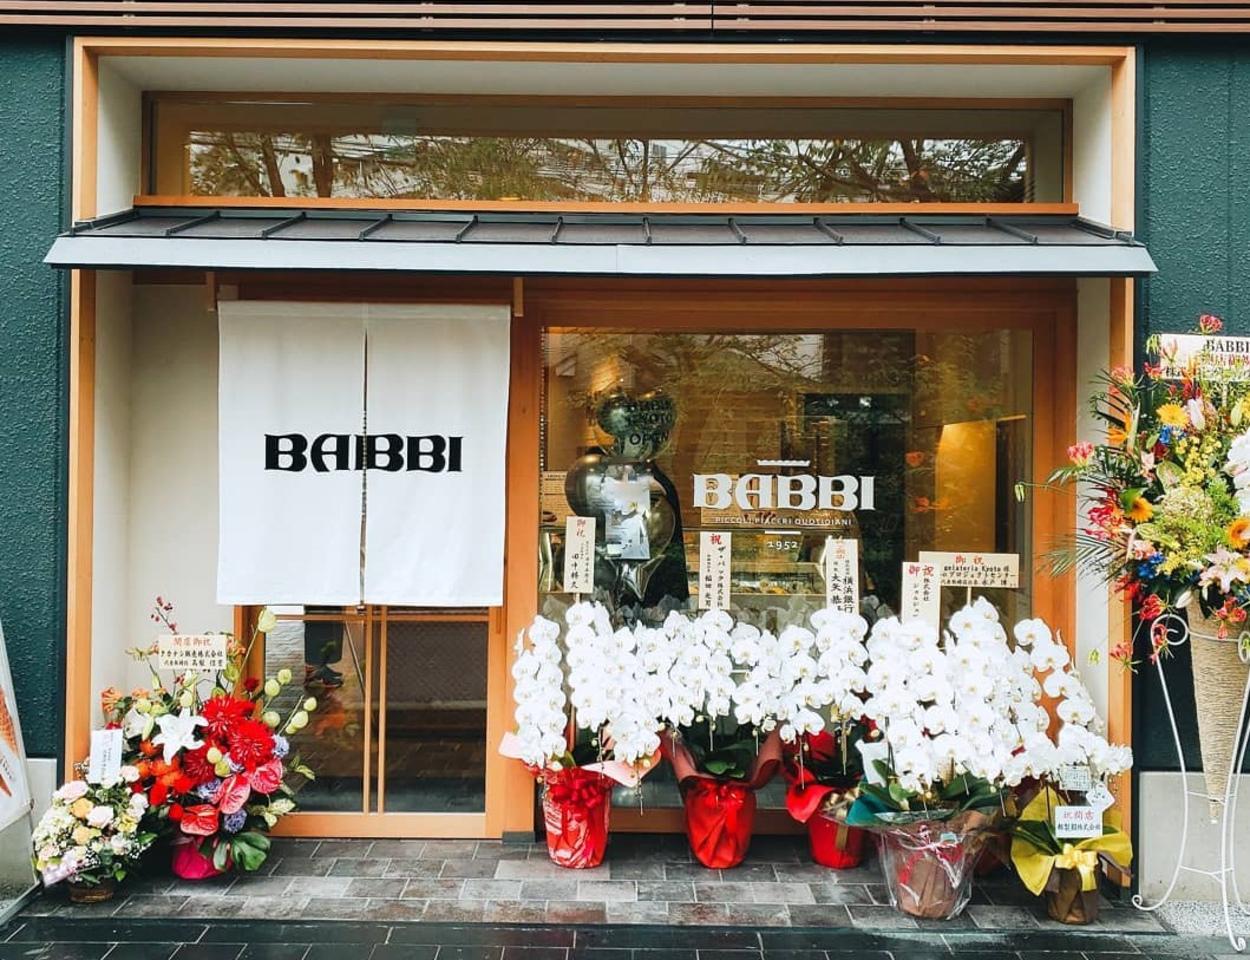 7年の時を経て京都に...下京区木屋町通斉藤町にジェラート店「バビ ジェラテリア キョウト」オープン